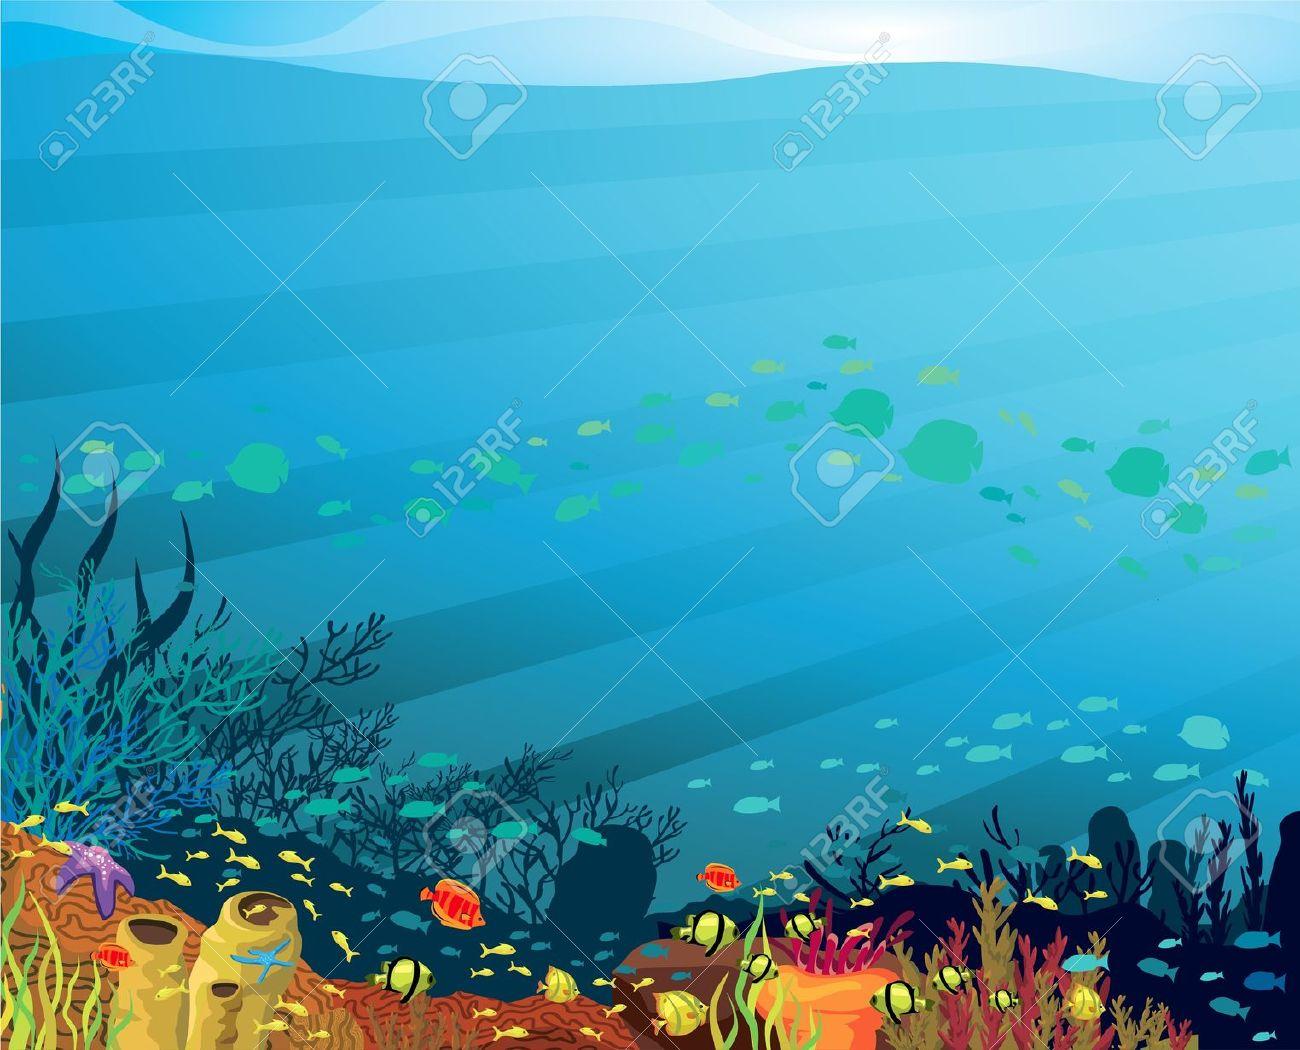 Background clipart underwater. Station